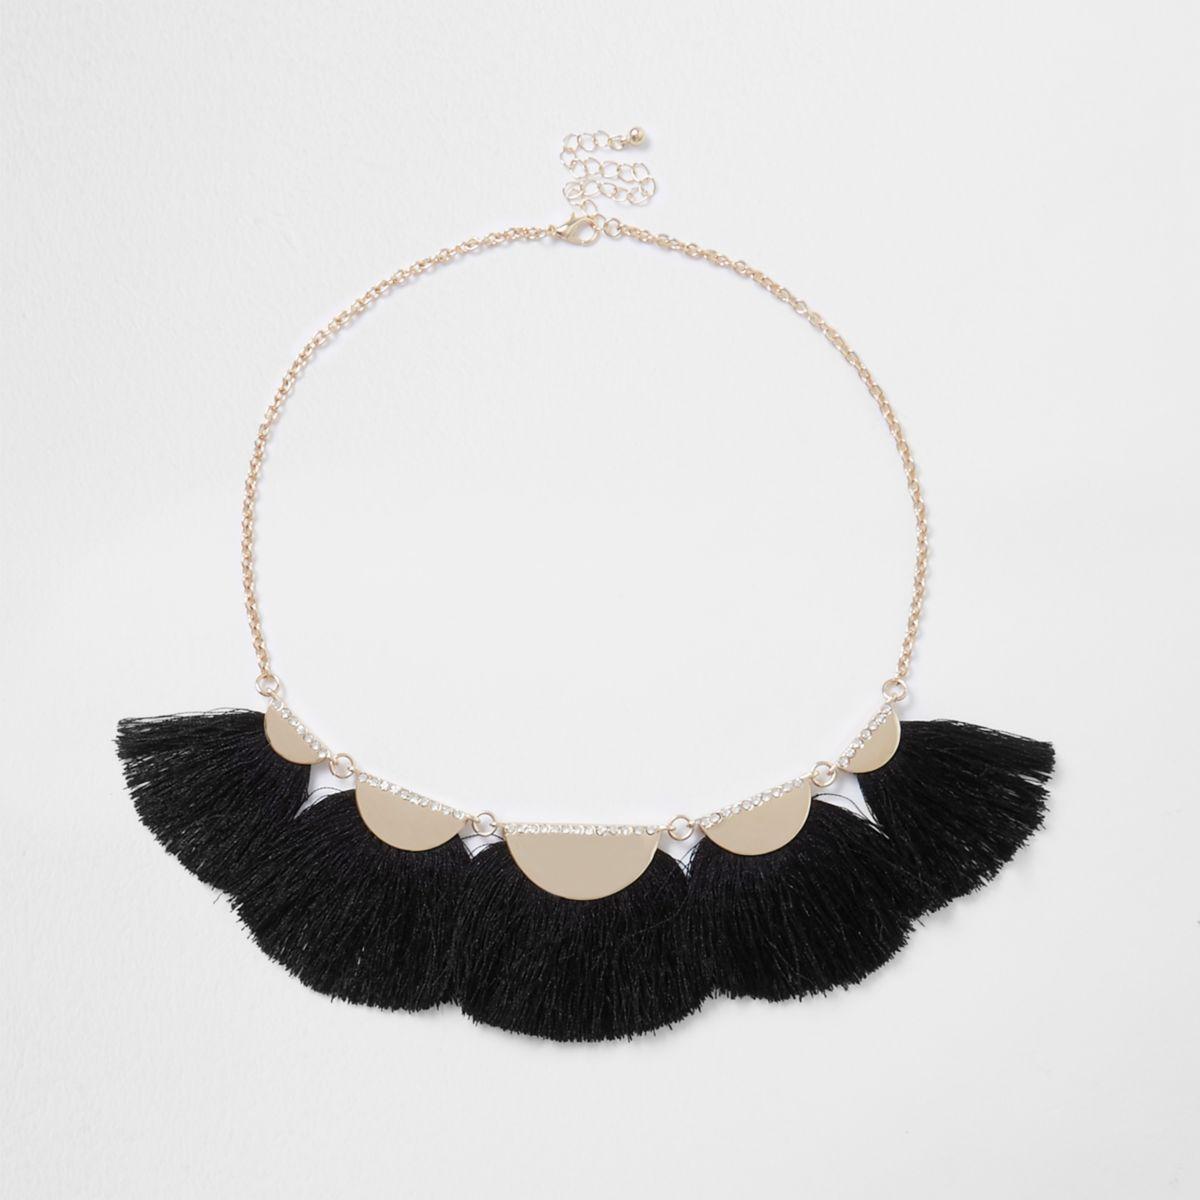 Black tassel fan statement necklace